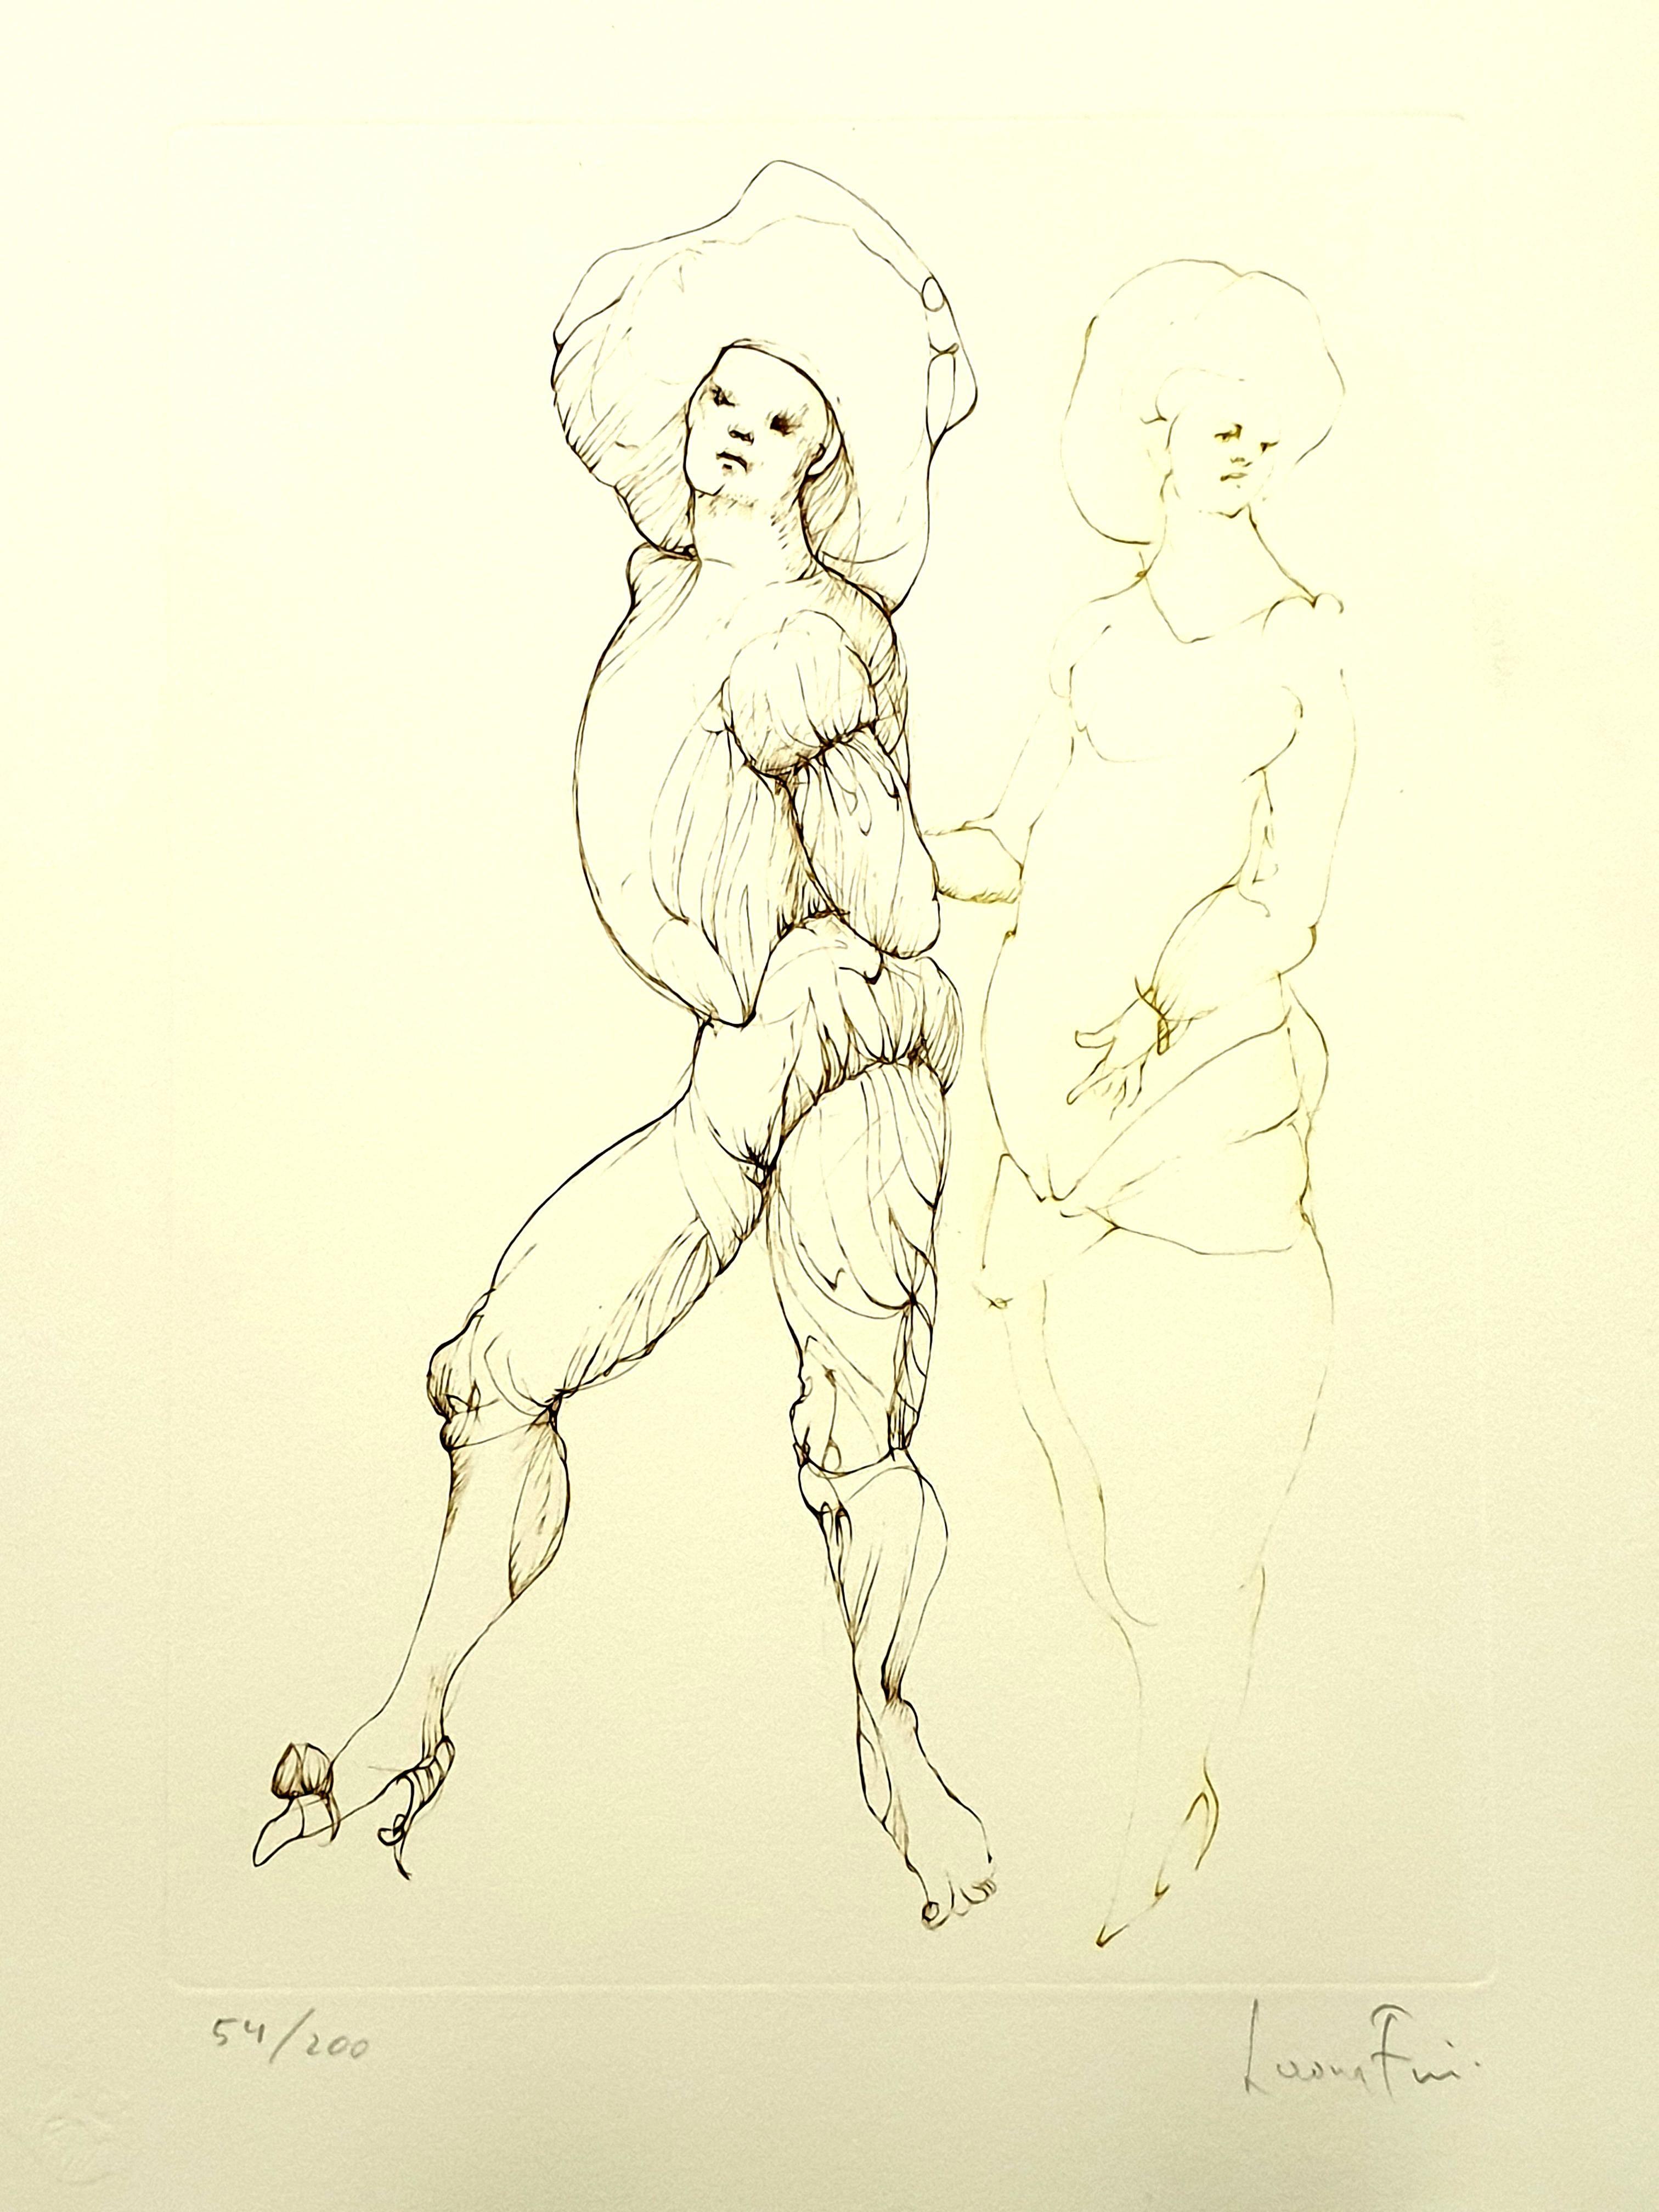 Leonor Fini - Friends - Original Handsigned Lithograph